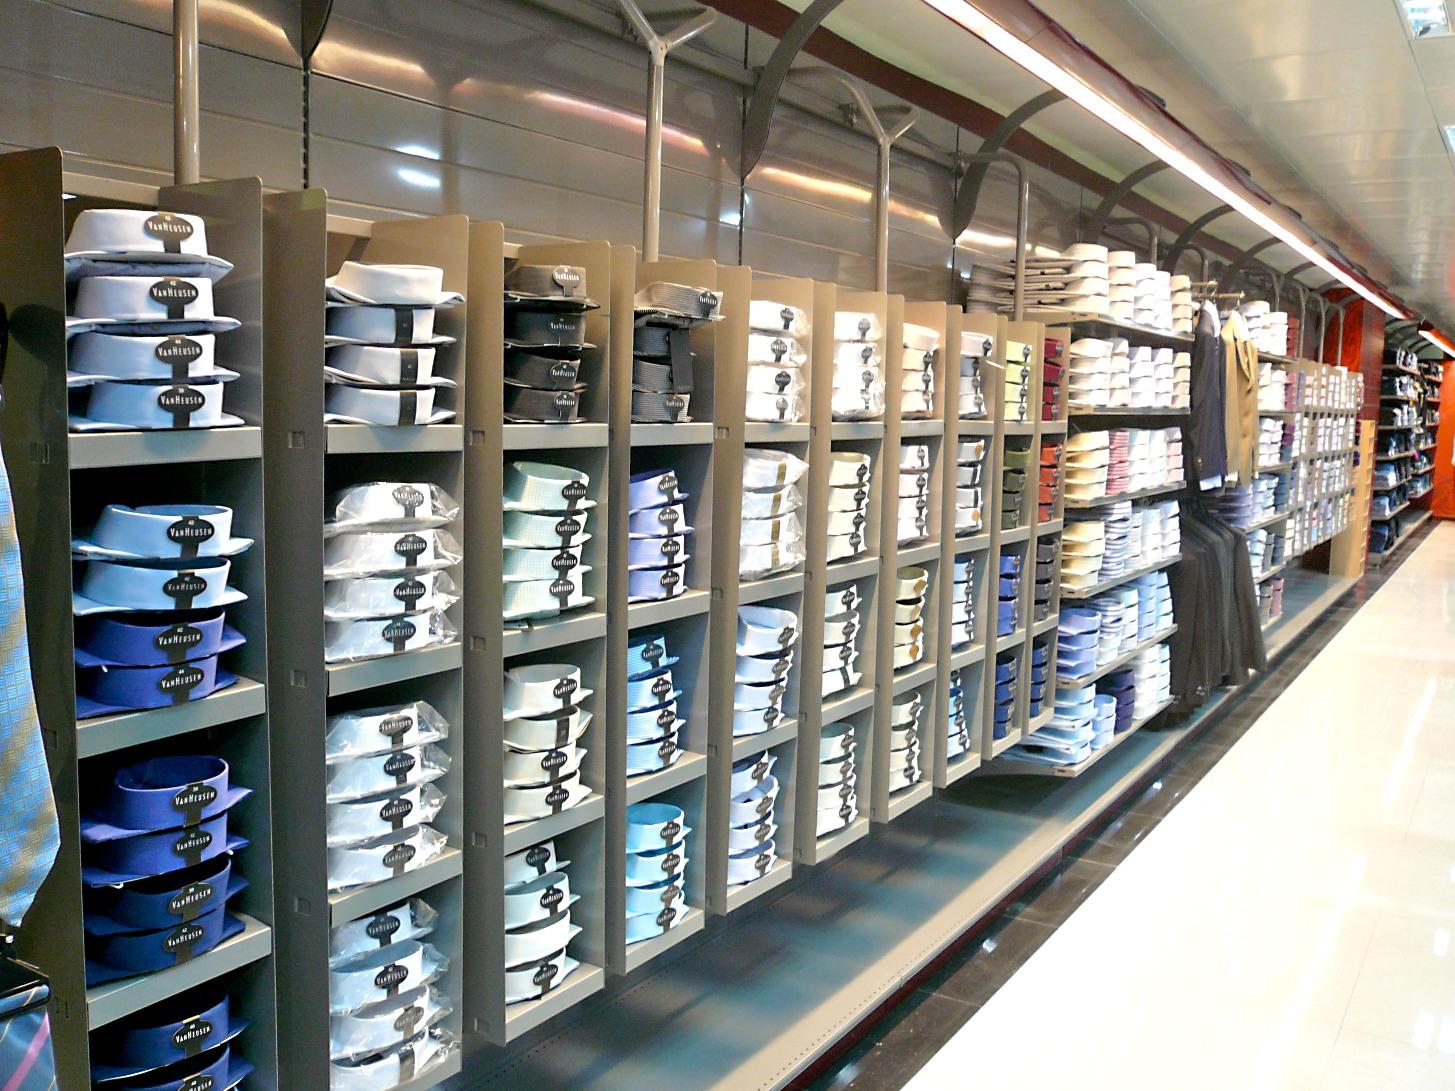 מדפי העליה -16- מדפים לחנויות נעליים